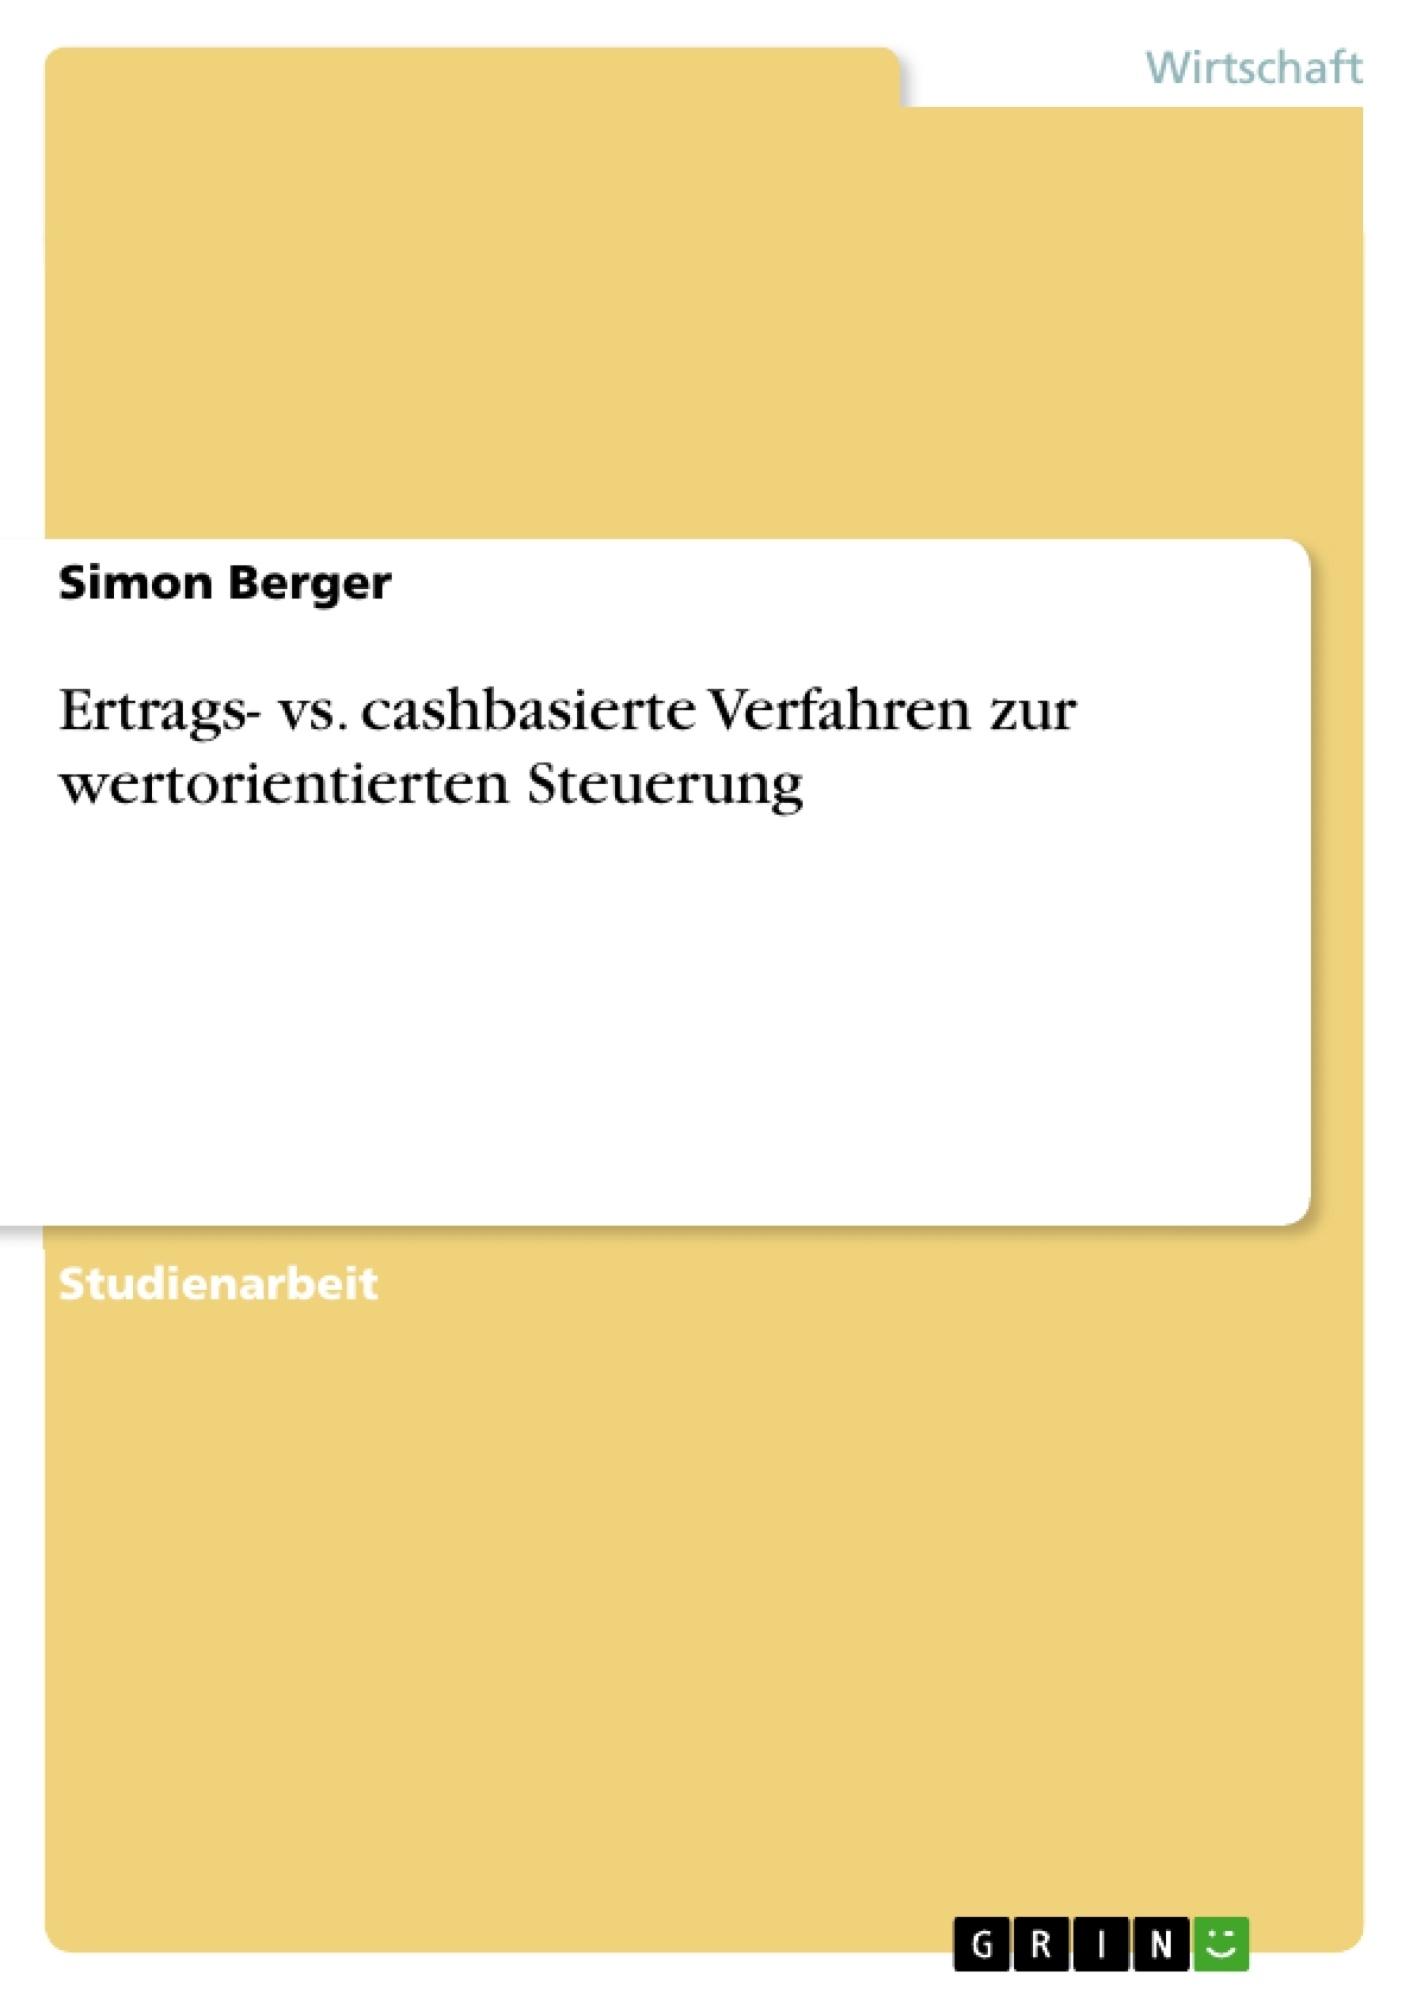 Titel: Ertrags- vs. cashbasierte Verfahren zur wertorientierten Steuerung